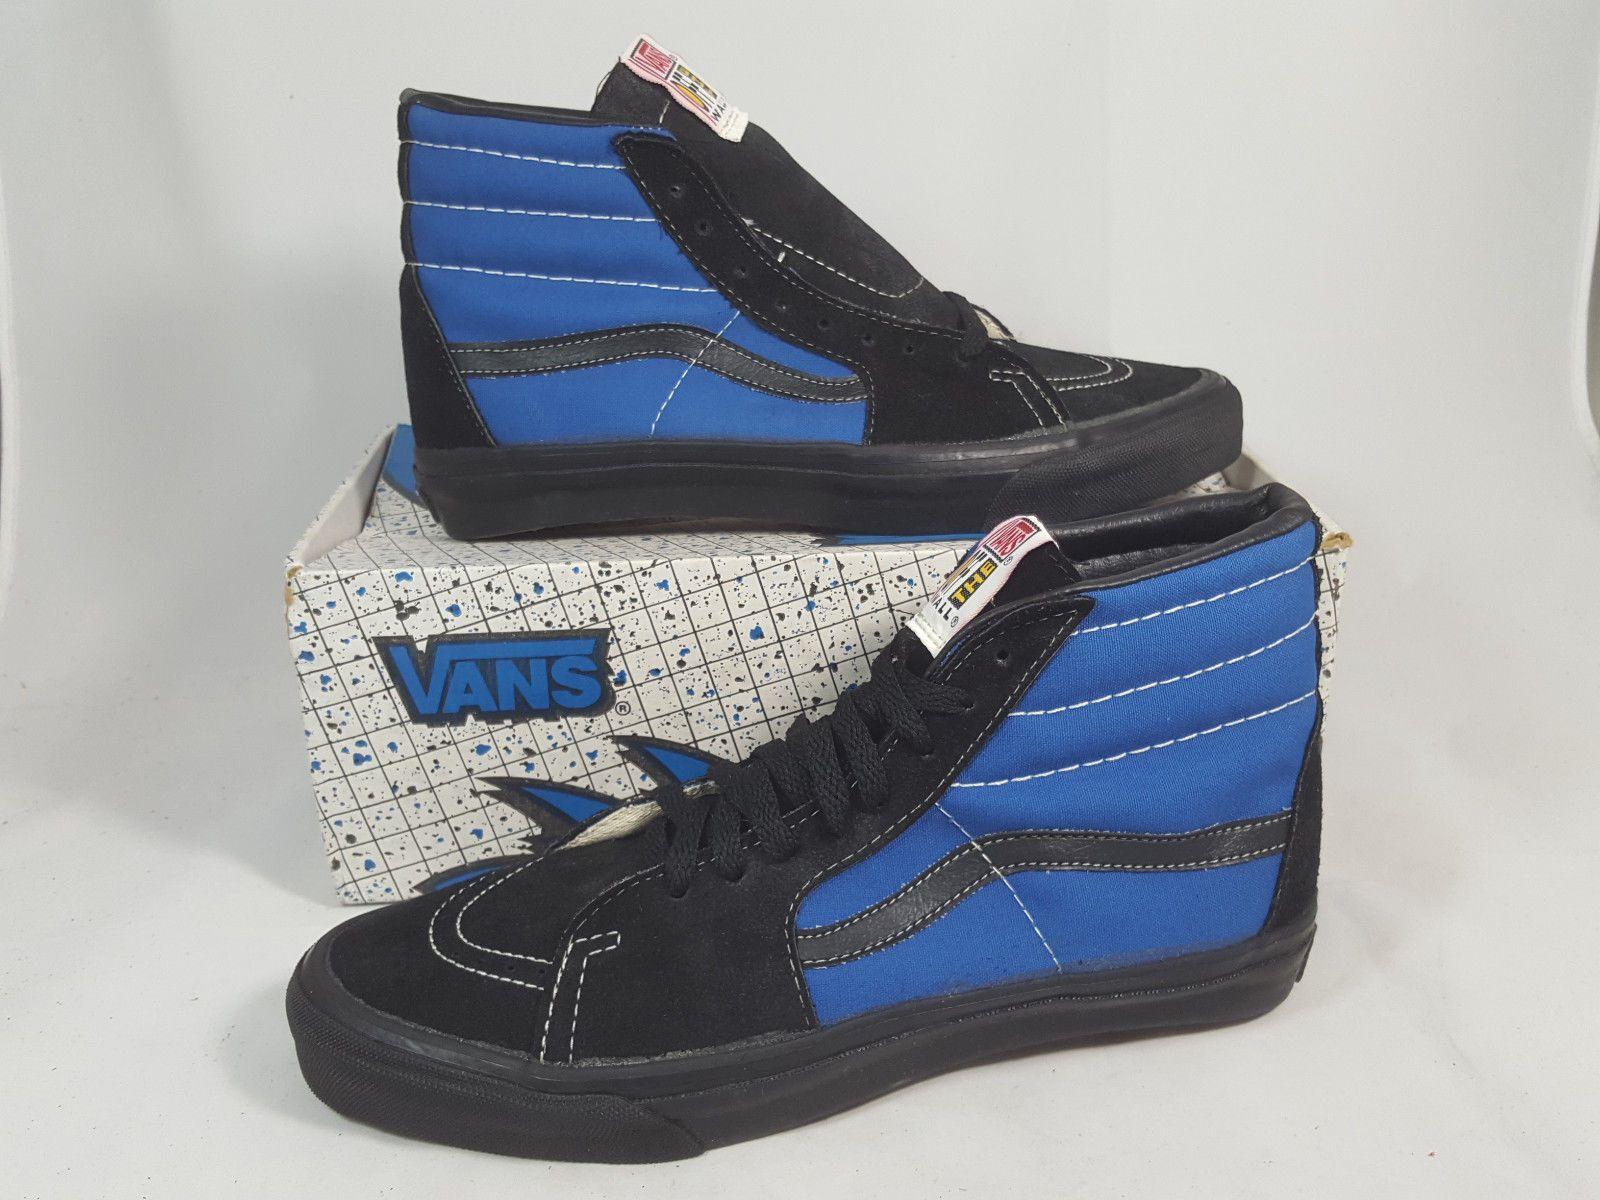 a8a95a9e38c5 Vintage Vans shoes SK8 HI BLUE BLACK made in USA Men s Size 11 NOS Old Skool